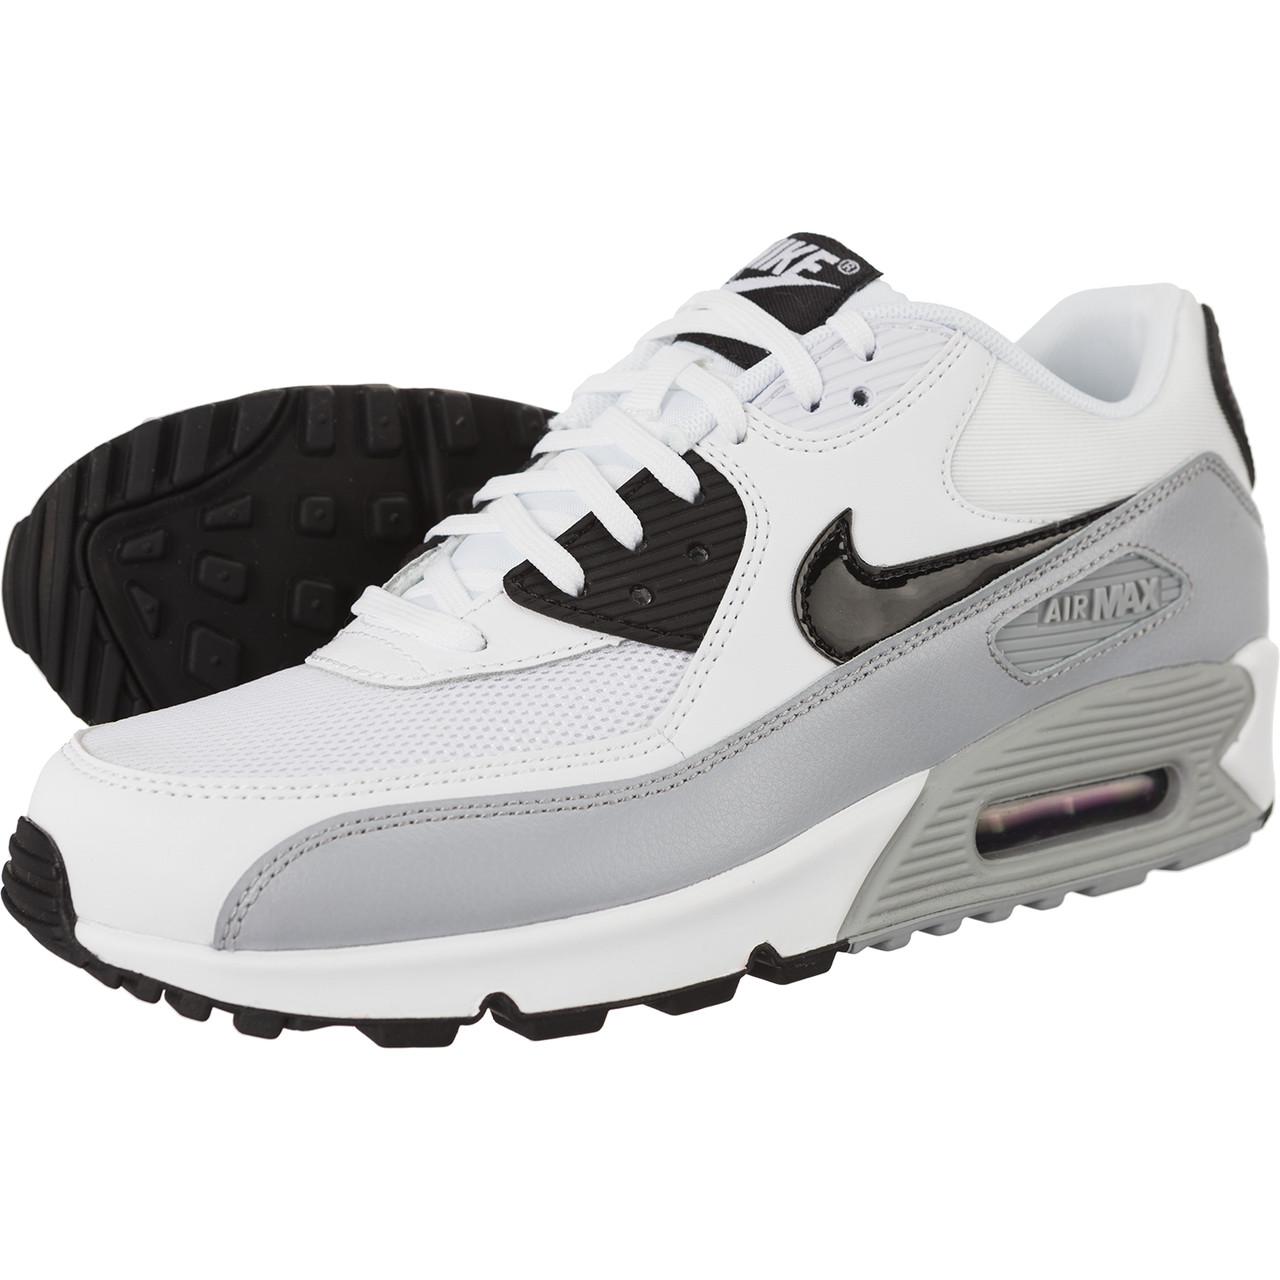 najlepsza wyprzedaż renomowana strona najlepsza wyprzedaż coupon code for buty nike wmns air max 90 essential 36 52fdc ...